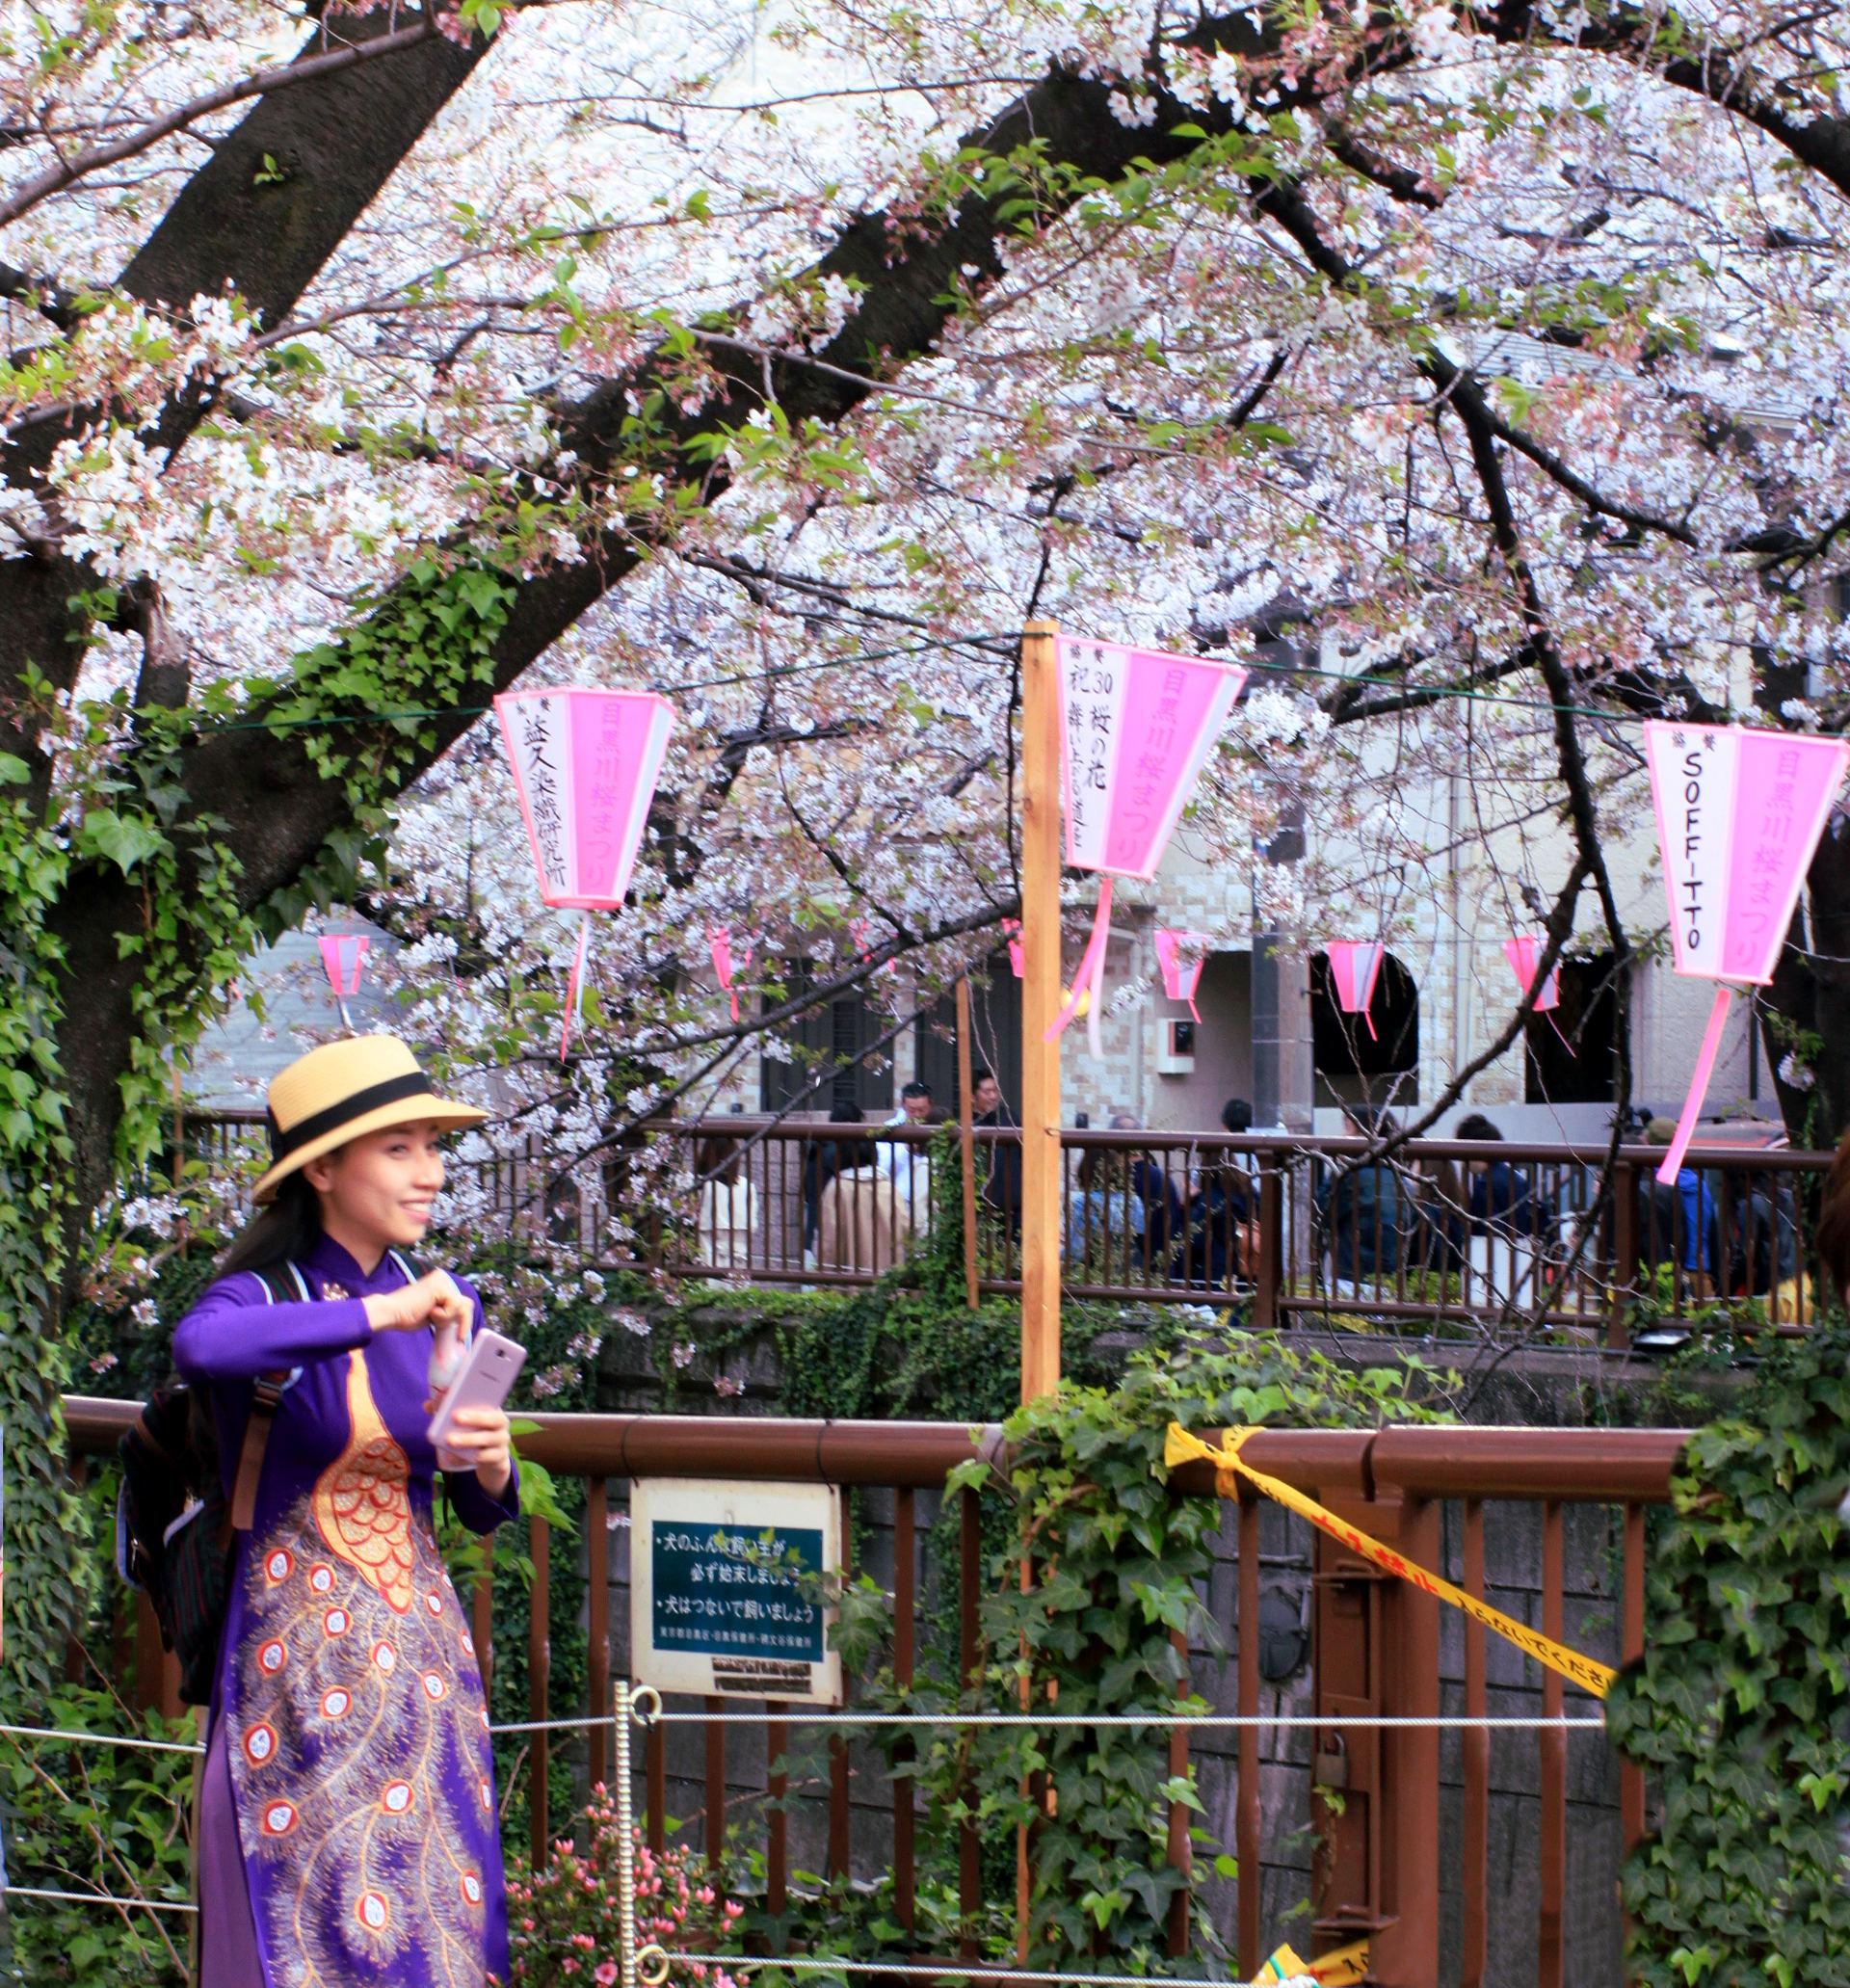 tokio japonia tokyo japan park kwitnacawisnia kwiaty cherryblossom hanami sakura springinjapan wiosnawjaponii iglawpodrozy japonka kimono